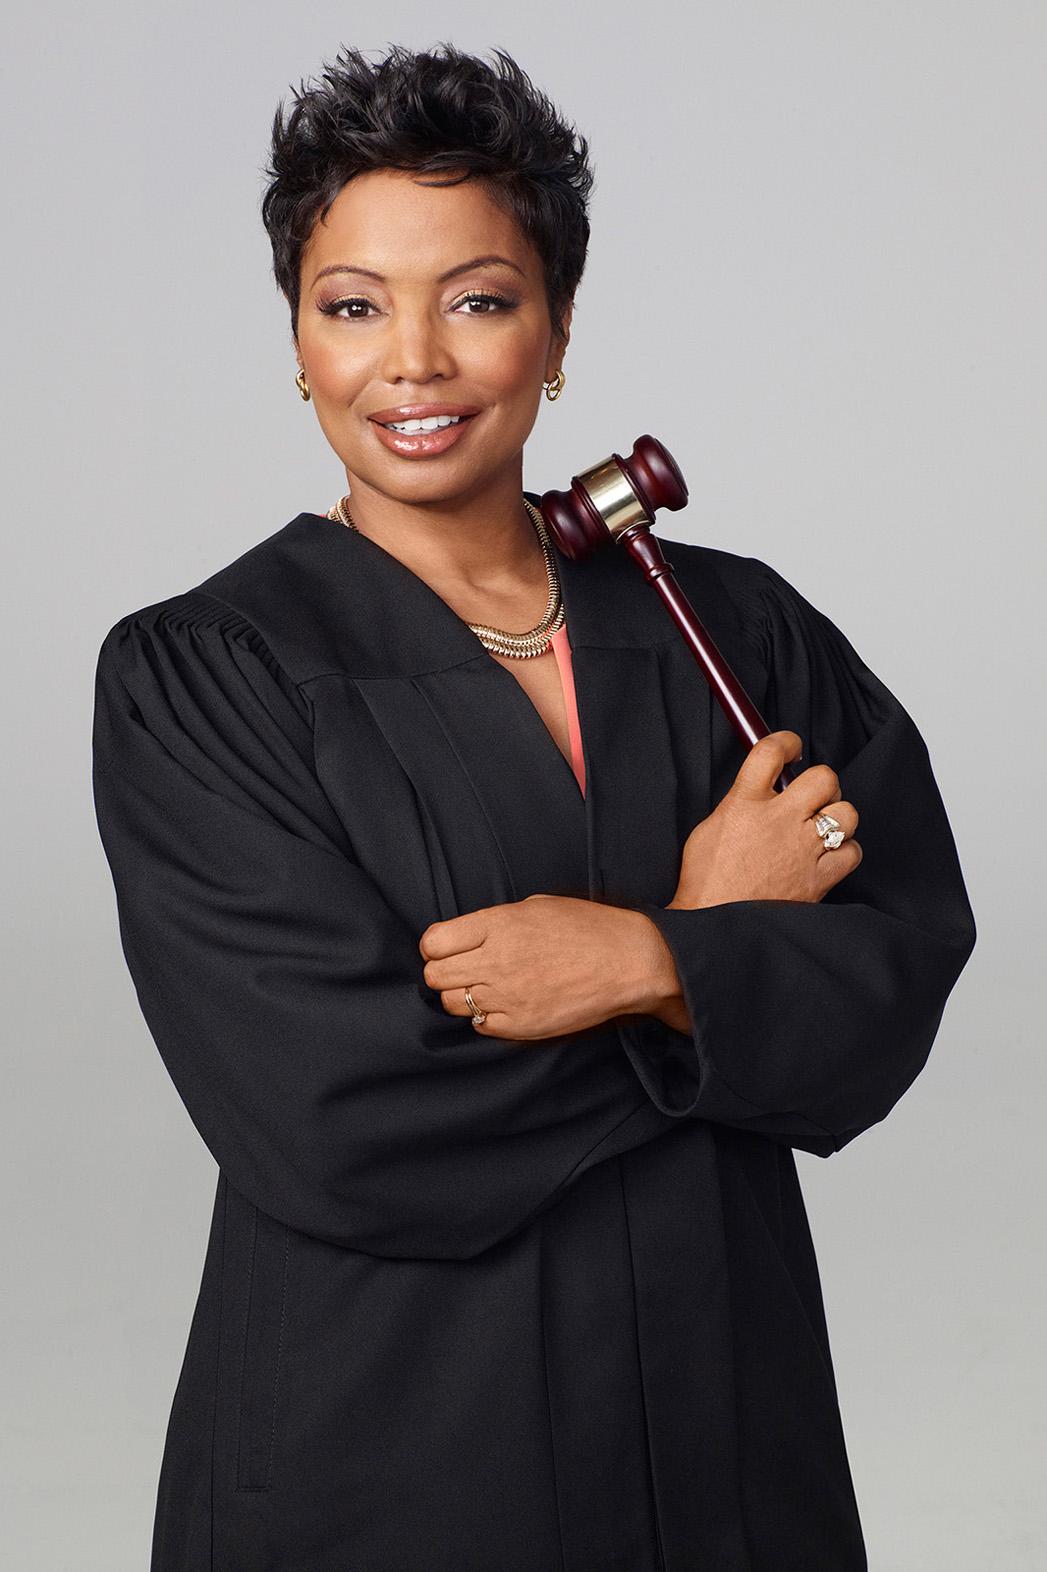 Judge Lynn Toler - P 2014